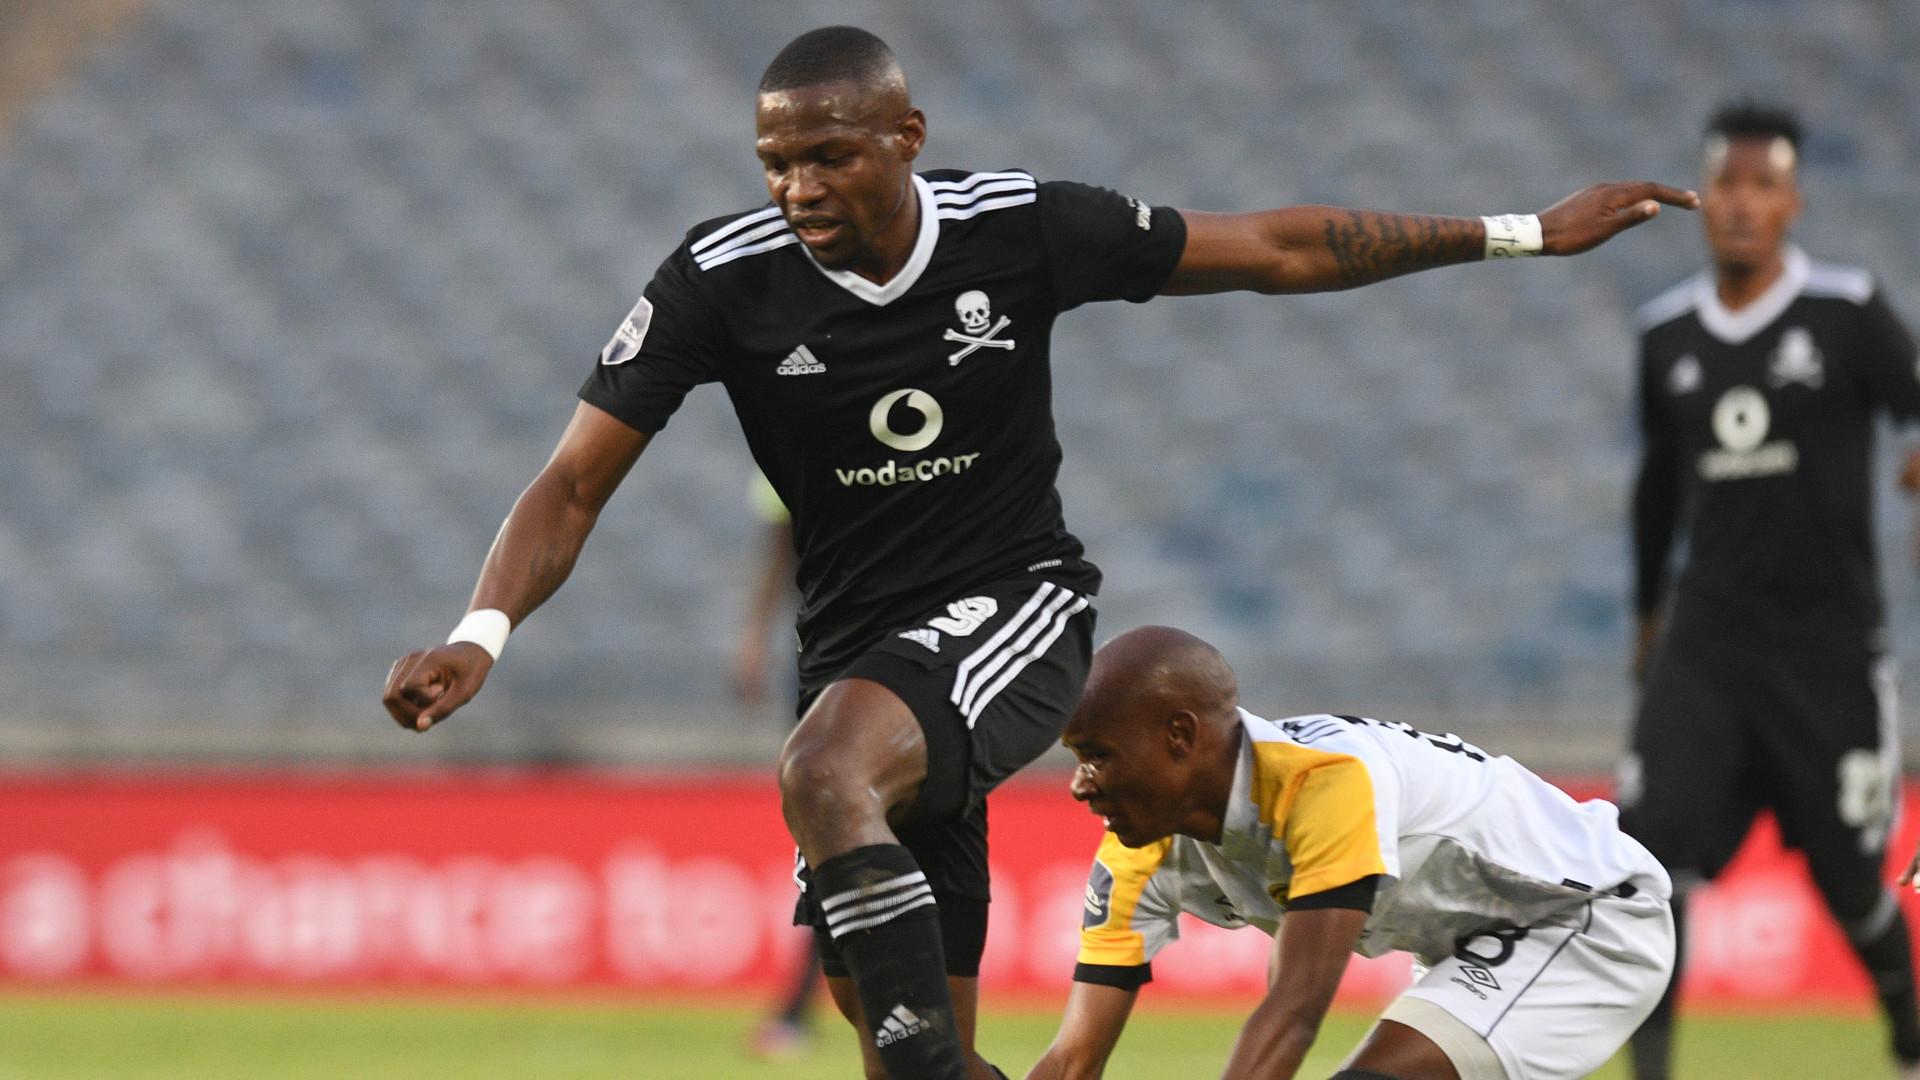 Orlando Pirates coach Davids reveals plans for Soweto Derby hero Mabasa